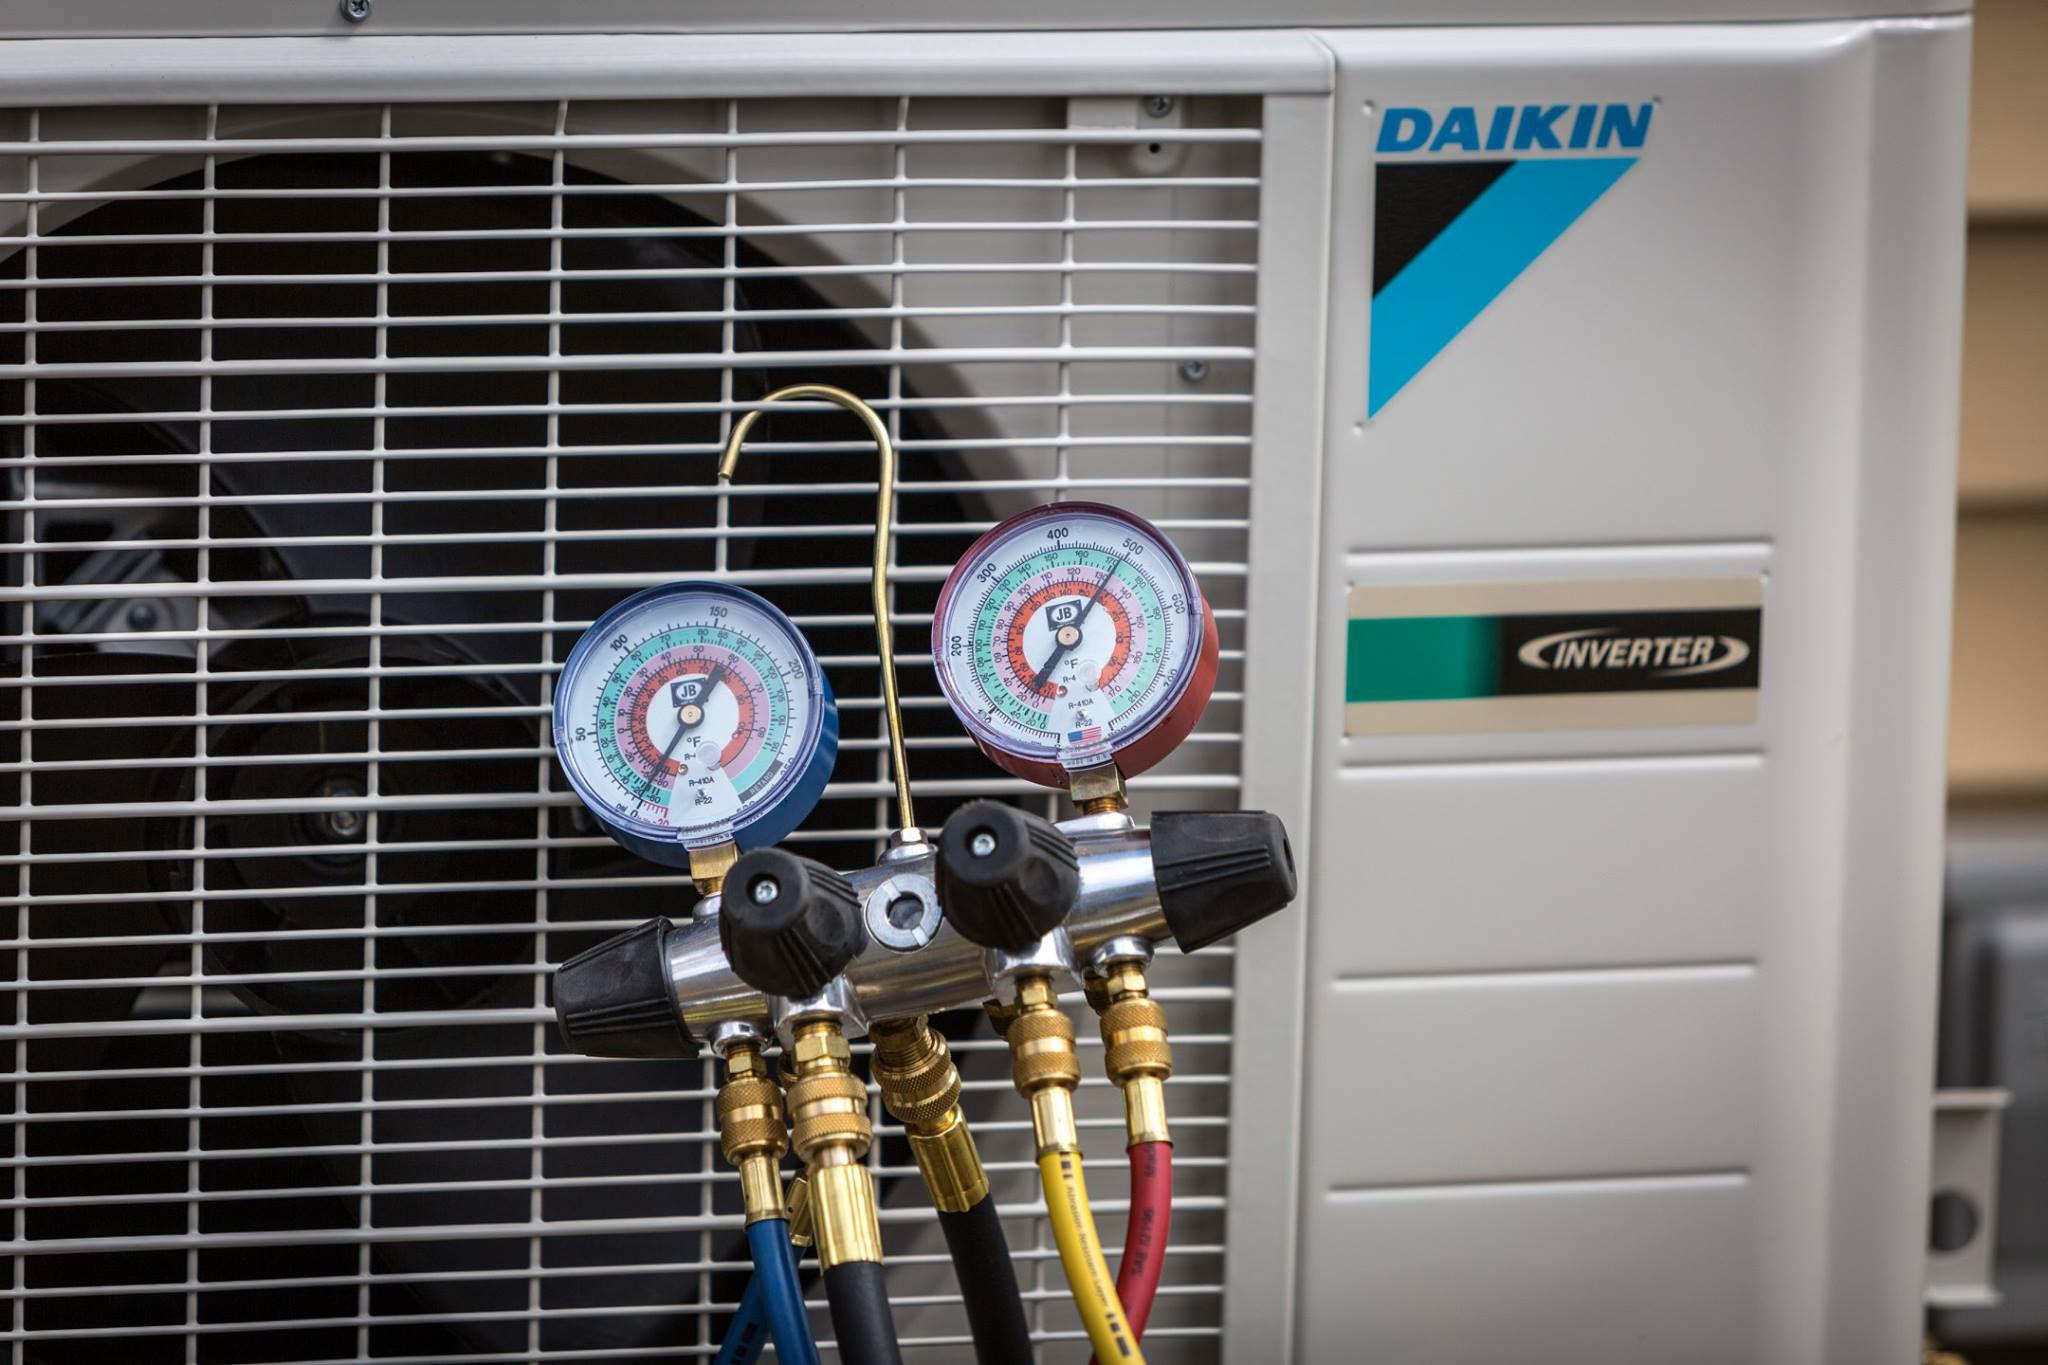 Daikin Heat Pump Close up